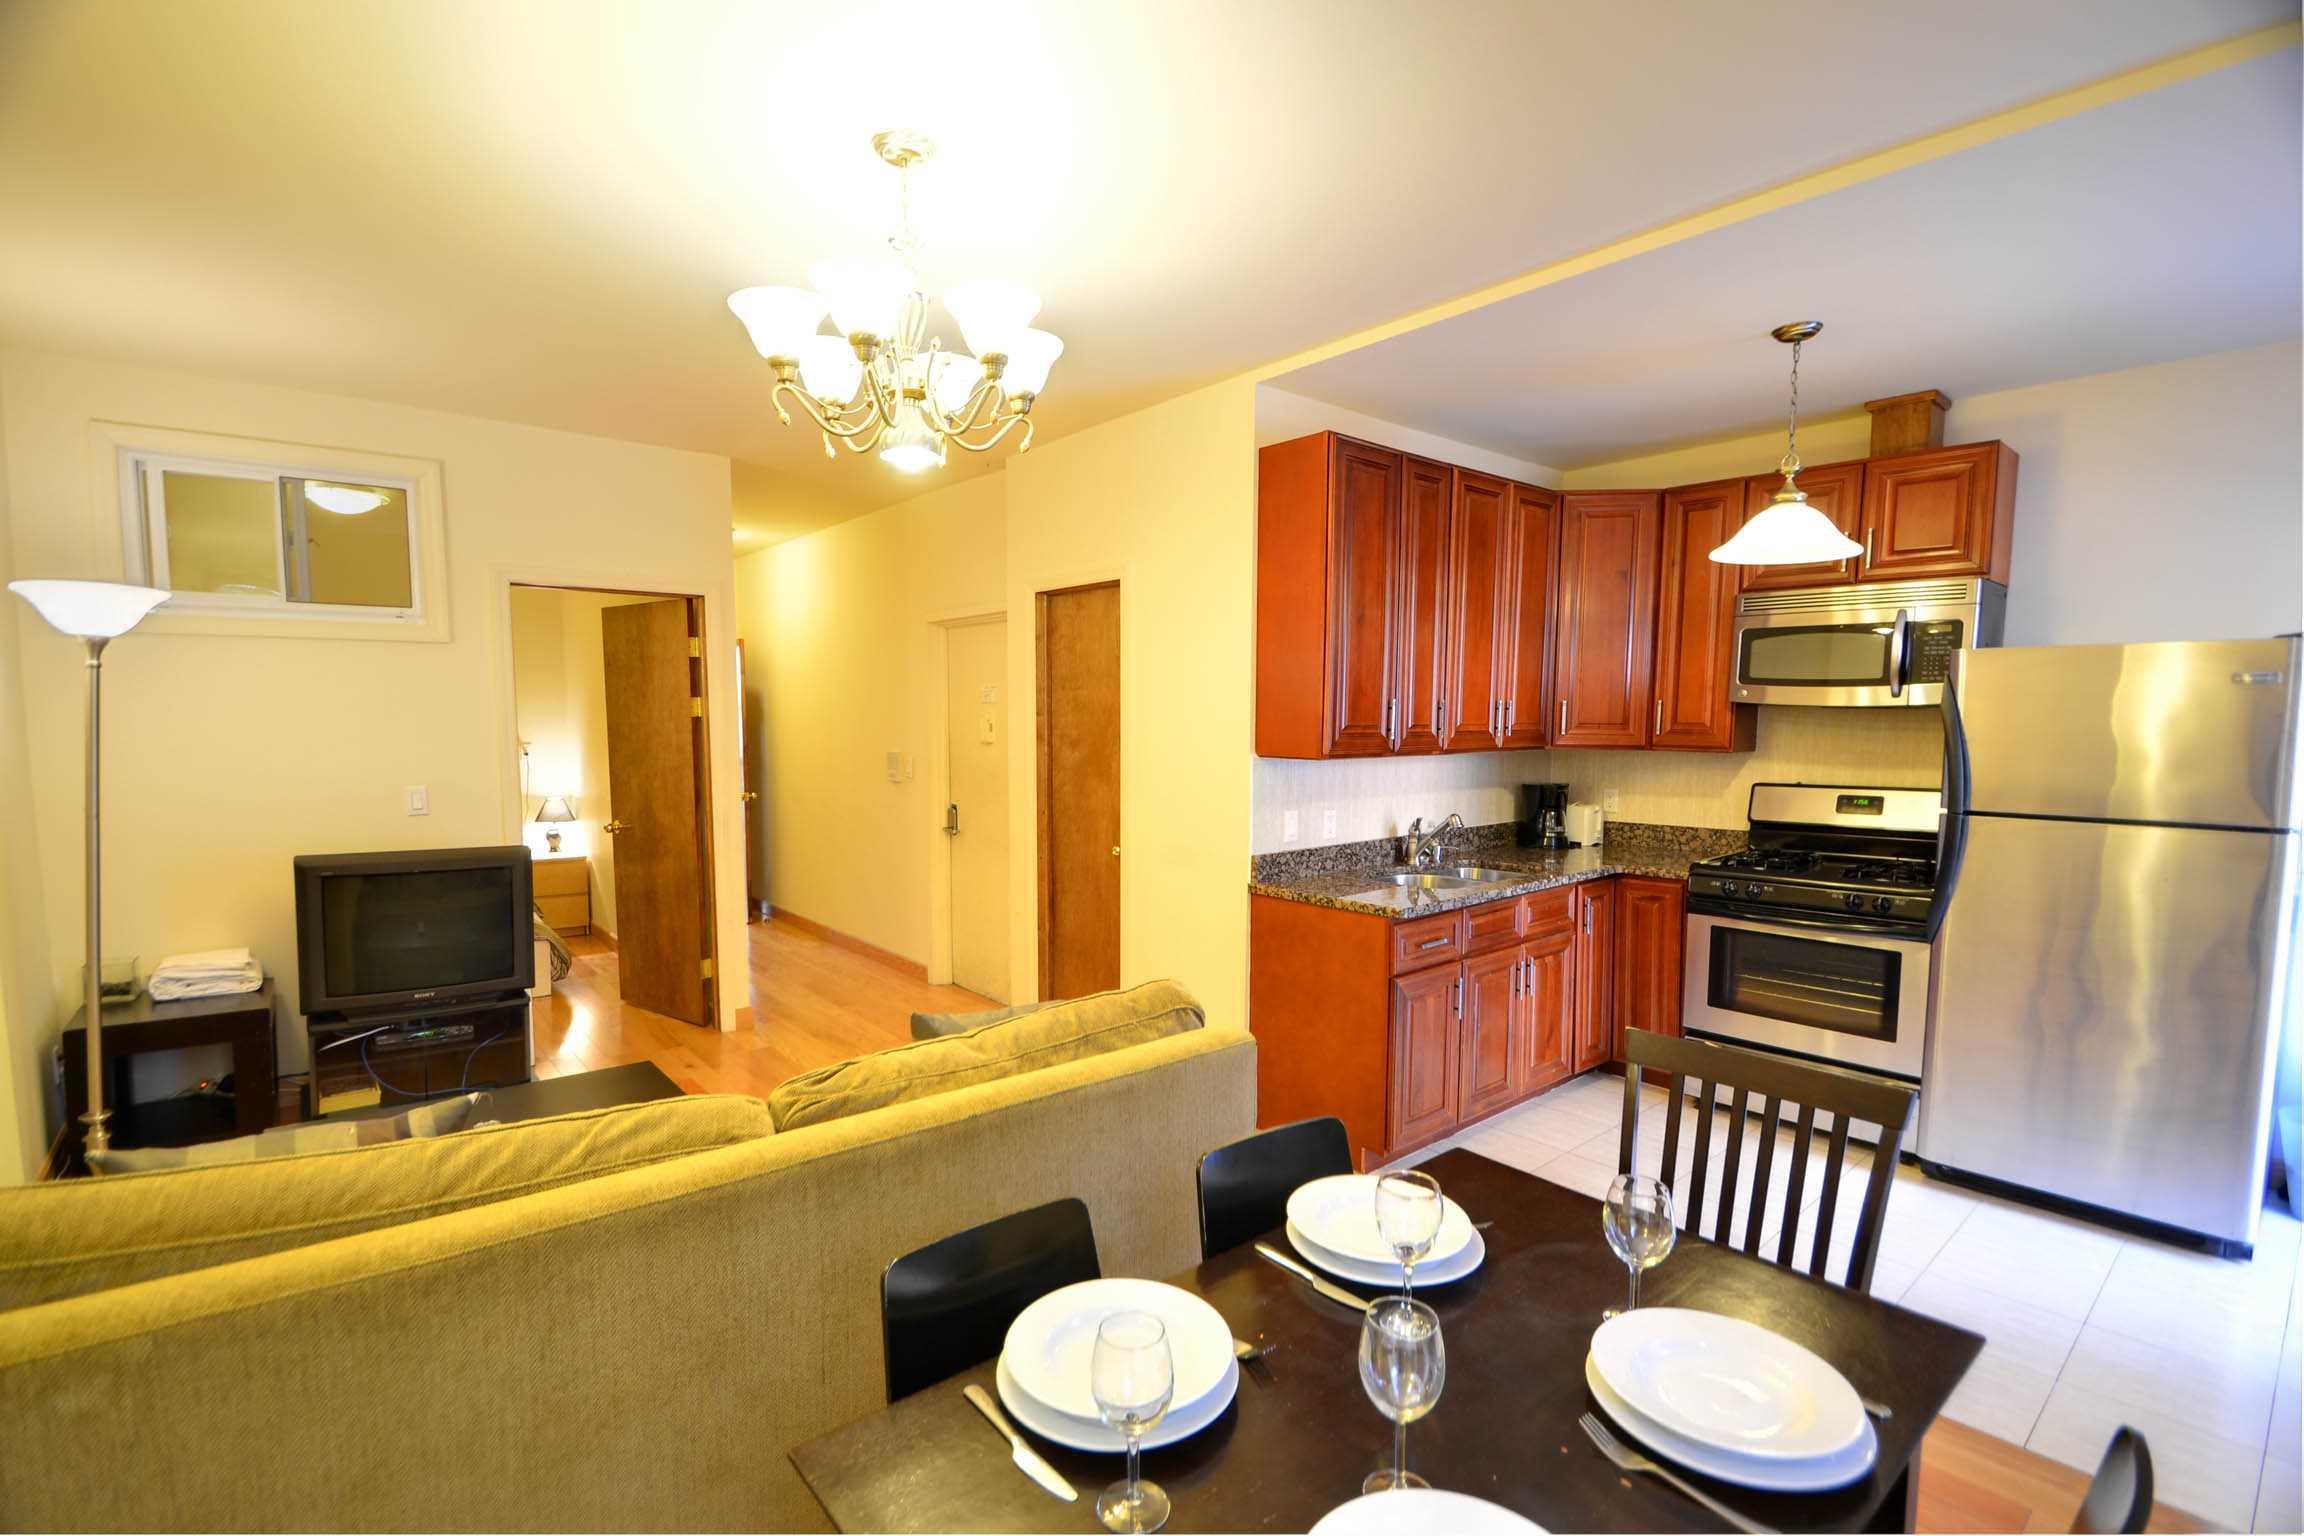 Appartement a vendre a new york pas cher maison design for Meubler son appartement pour pas cher